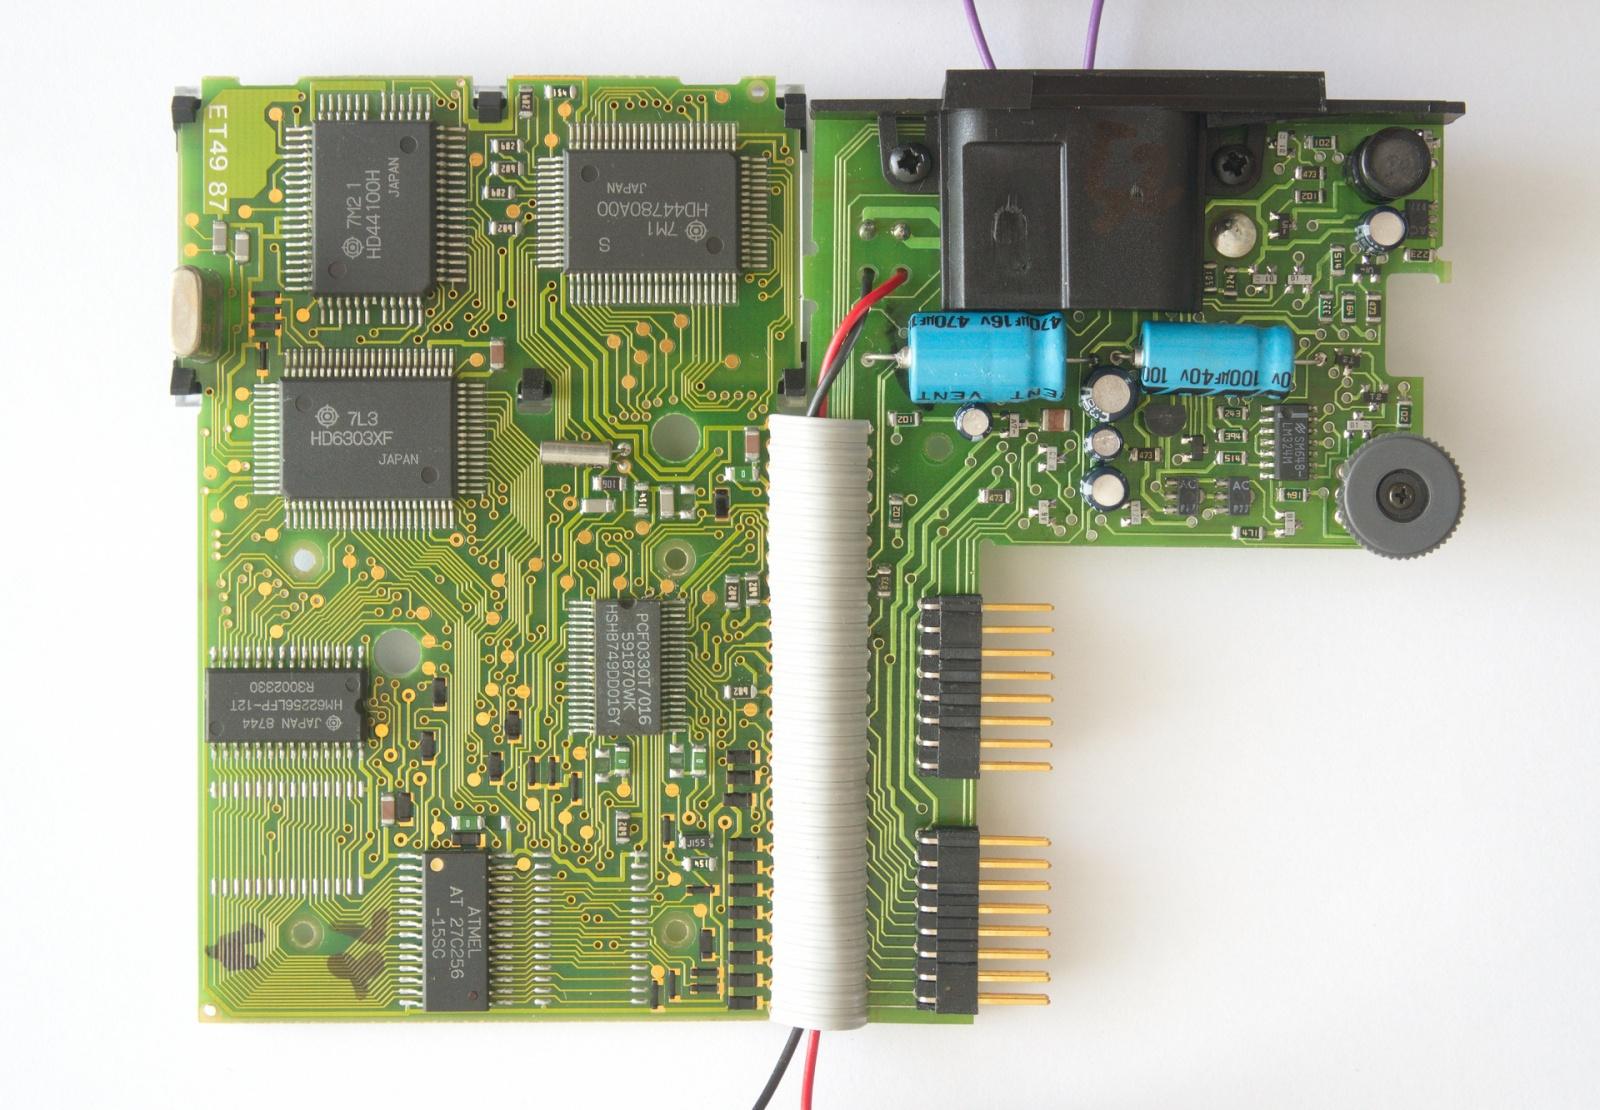 Обзор Psion Organiser II XP с внутренностями и Тетрисом